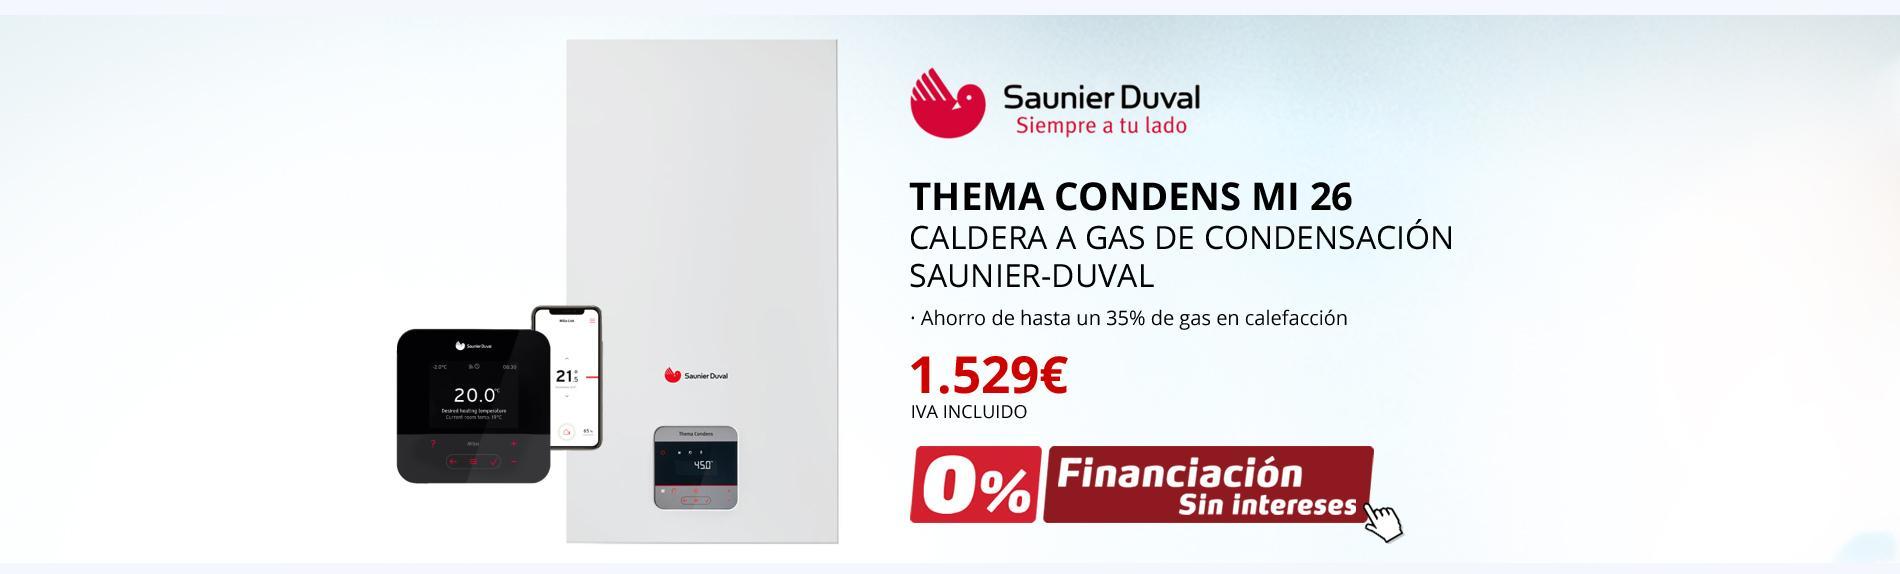 Thema Condens Mi 26 - Caldera a gas de condensación Saunier Duval